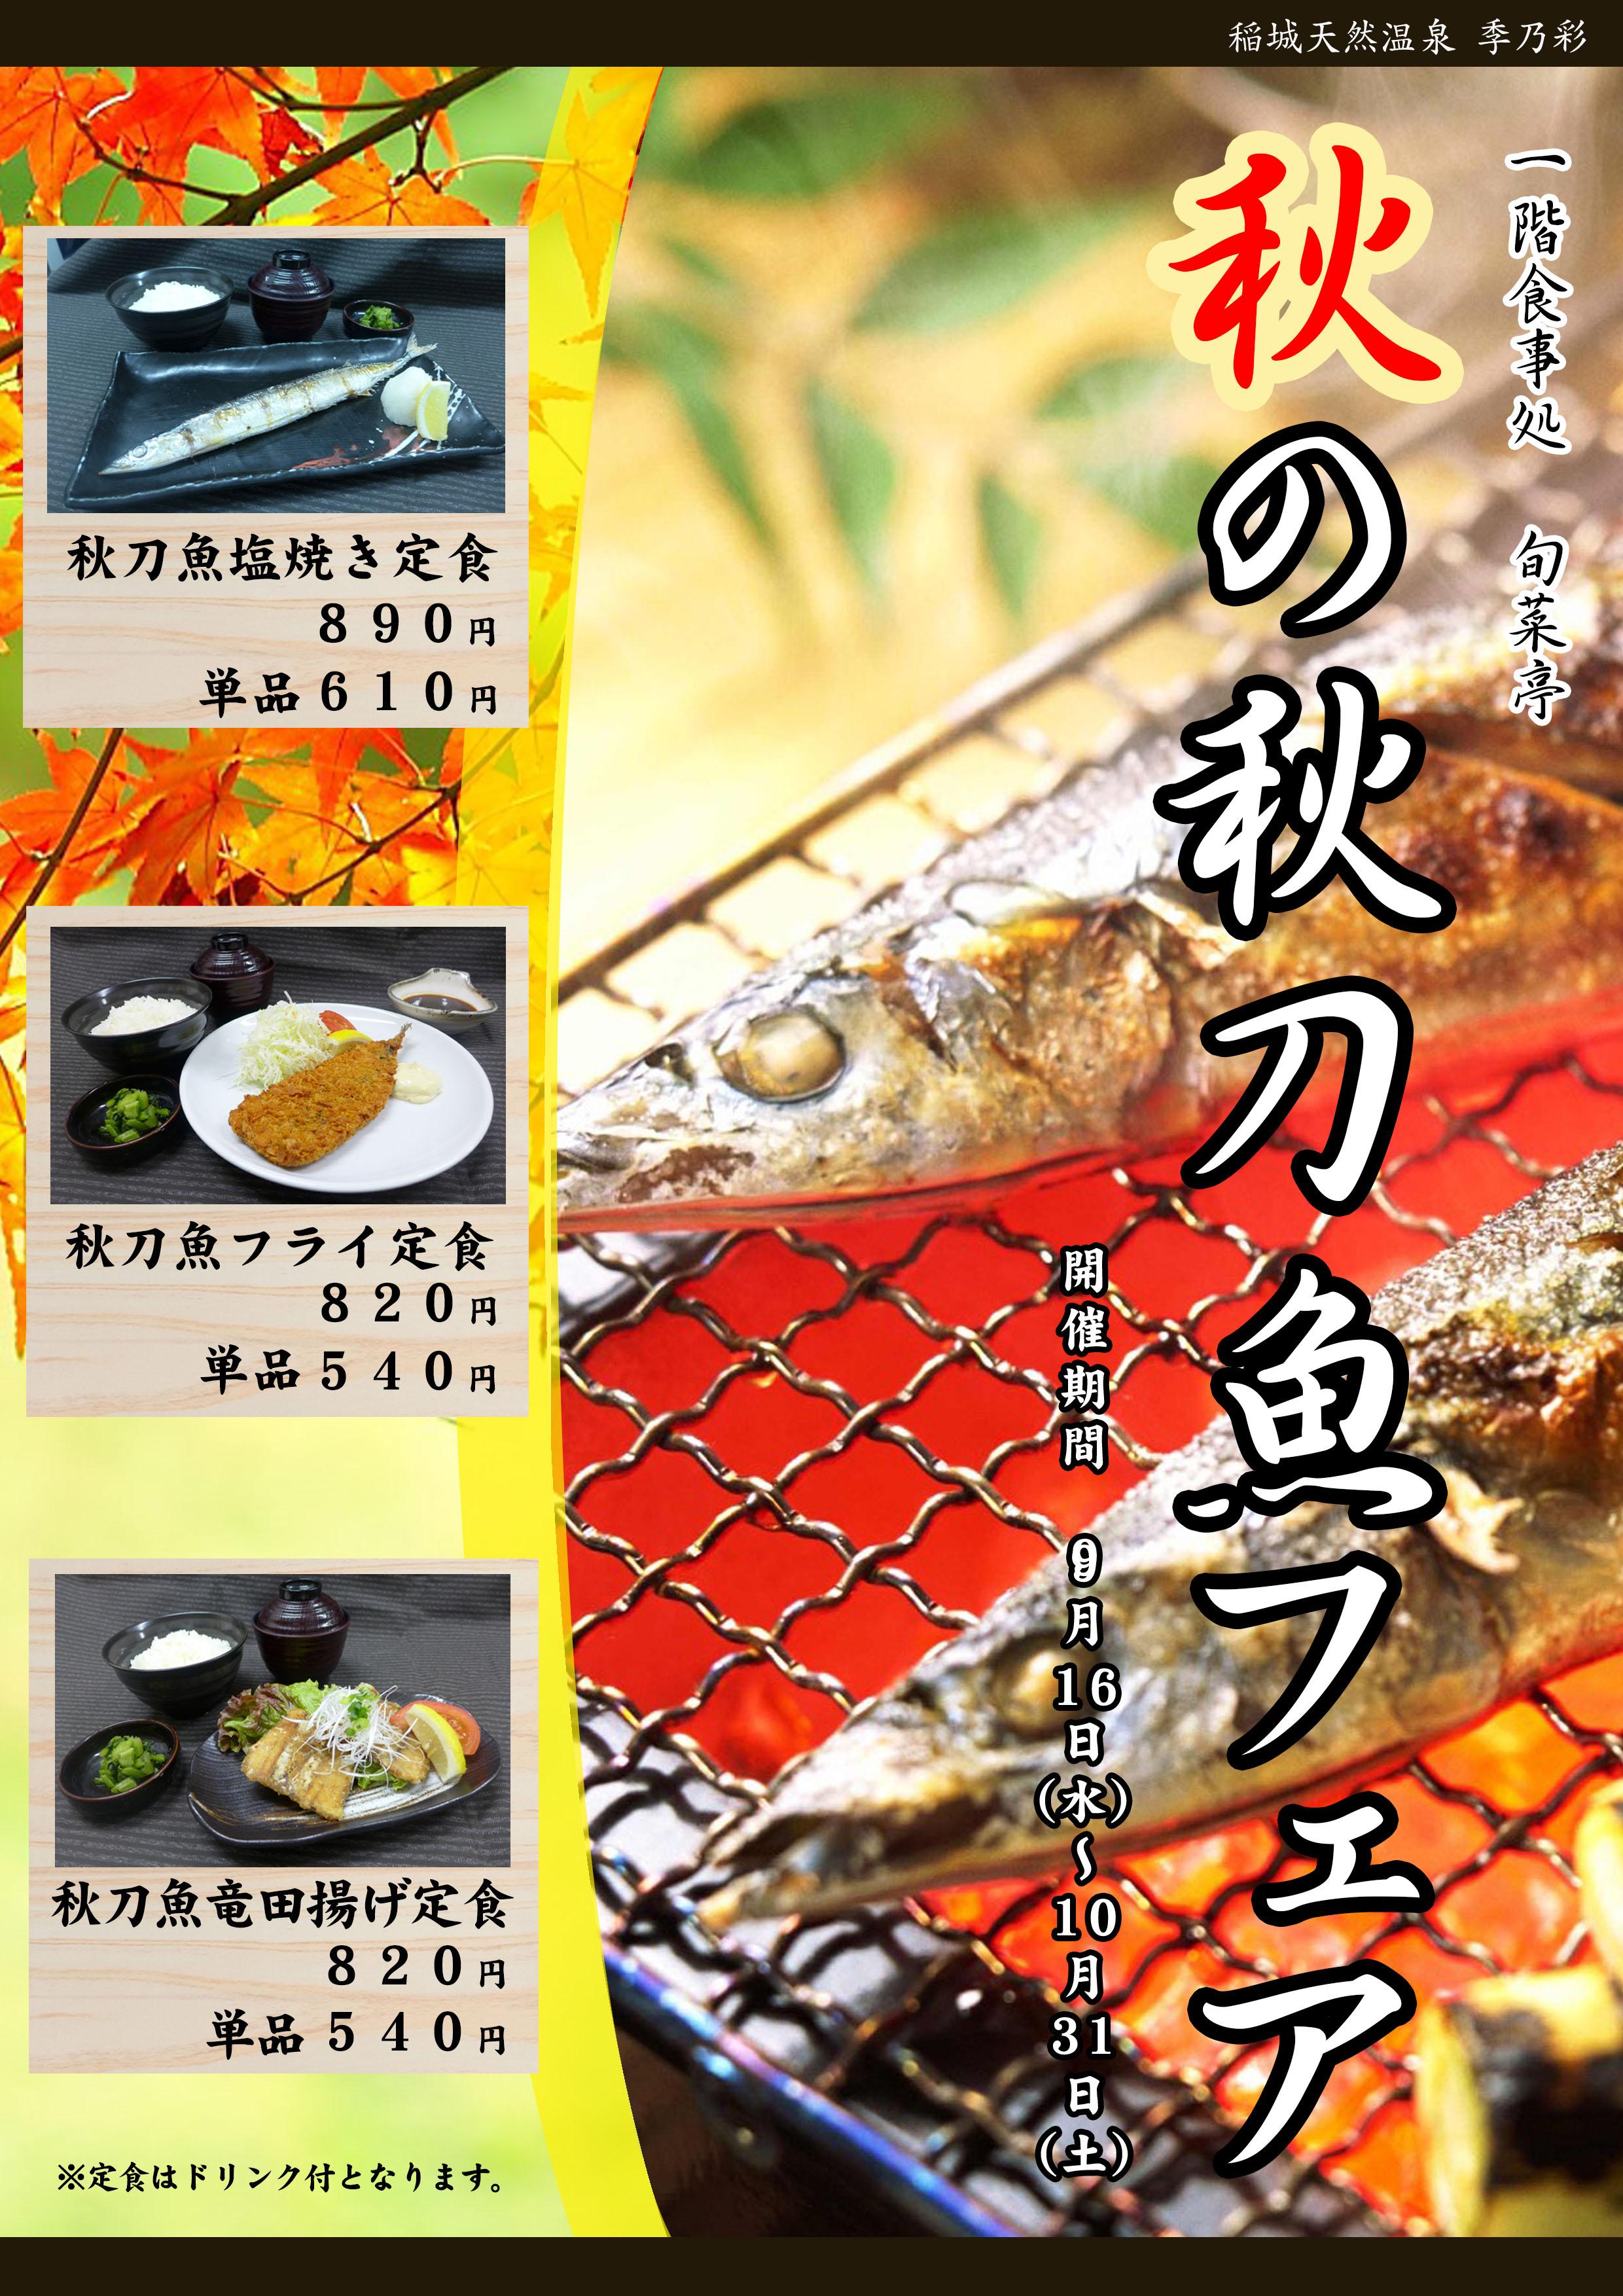 POP 旬菜亭フェア 9月 さんまフェア2020